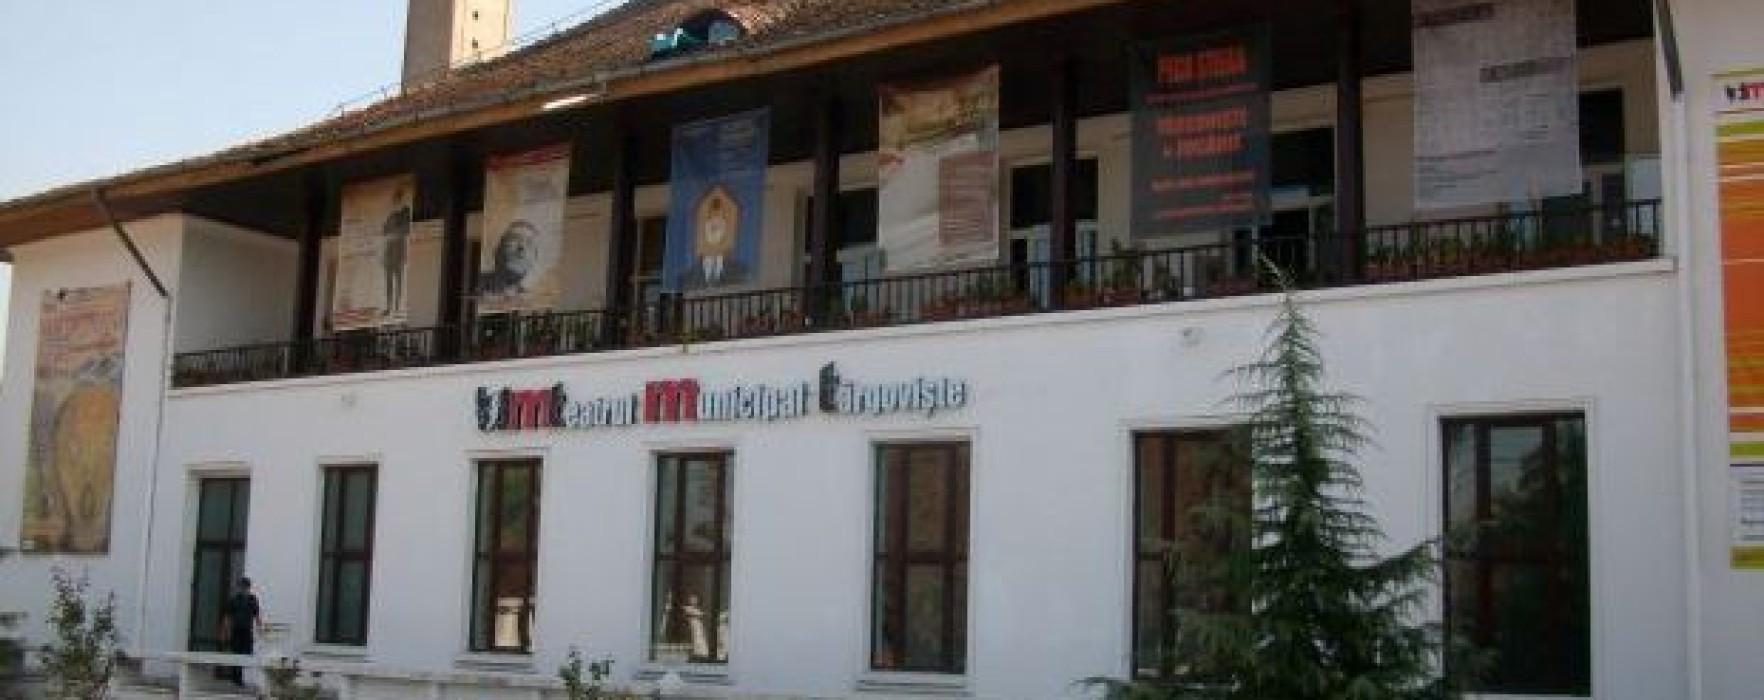 Spectatorii vor putea să aleagă piese ce se vor pune în scenă la Teatrul Tony Bulandra Târgovişte